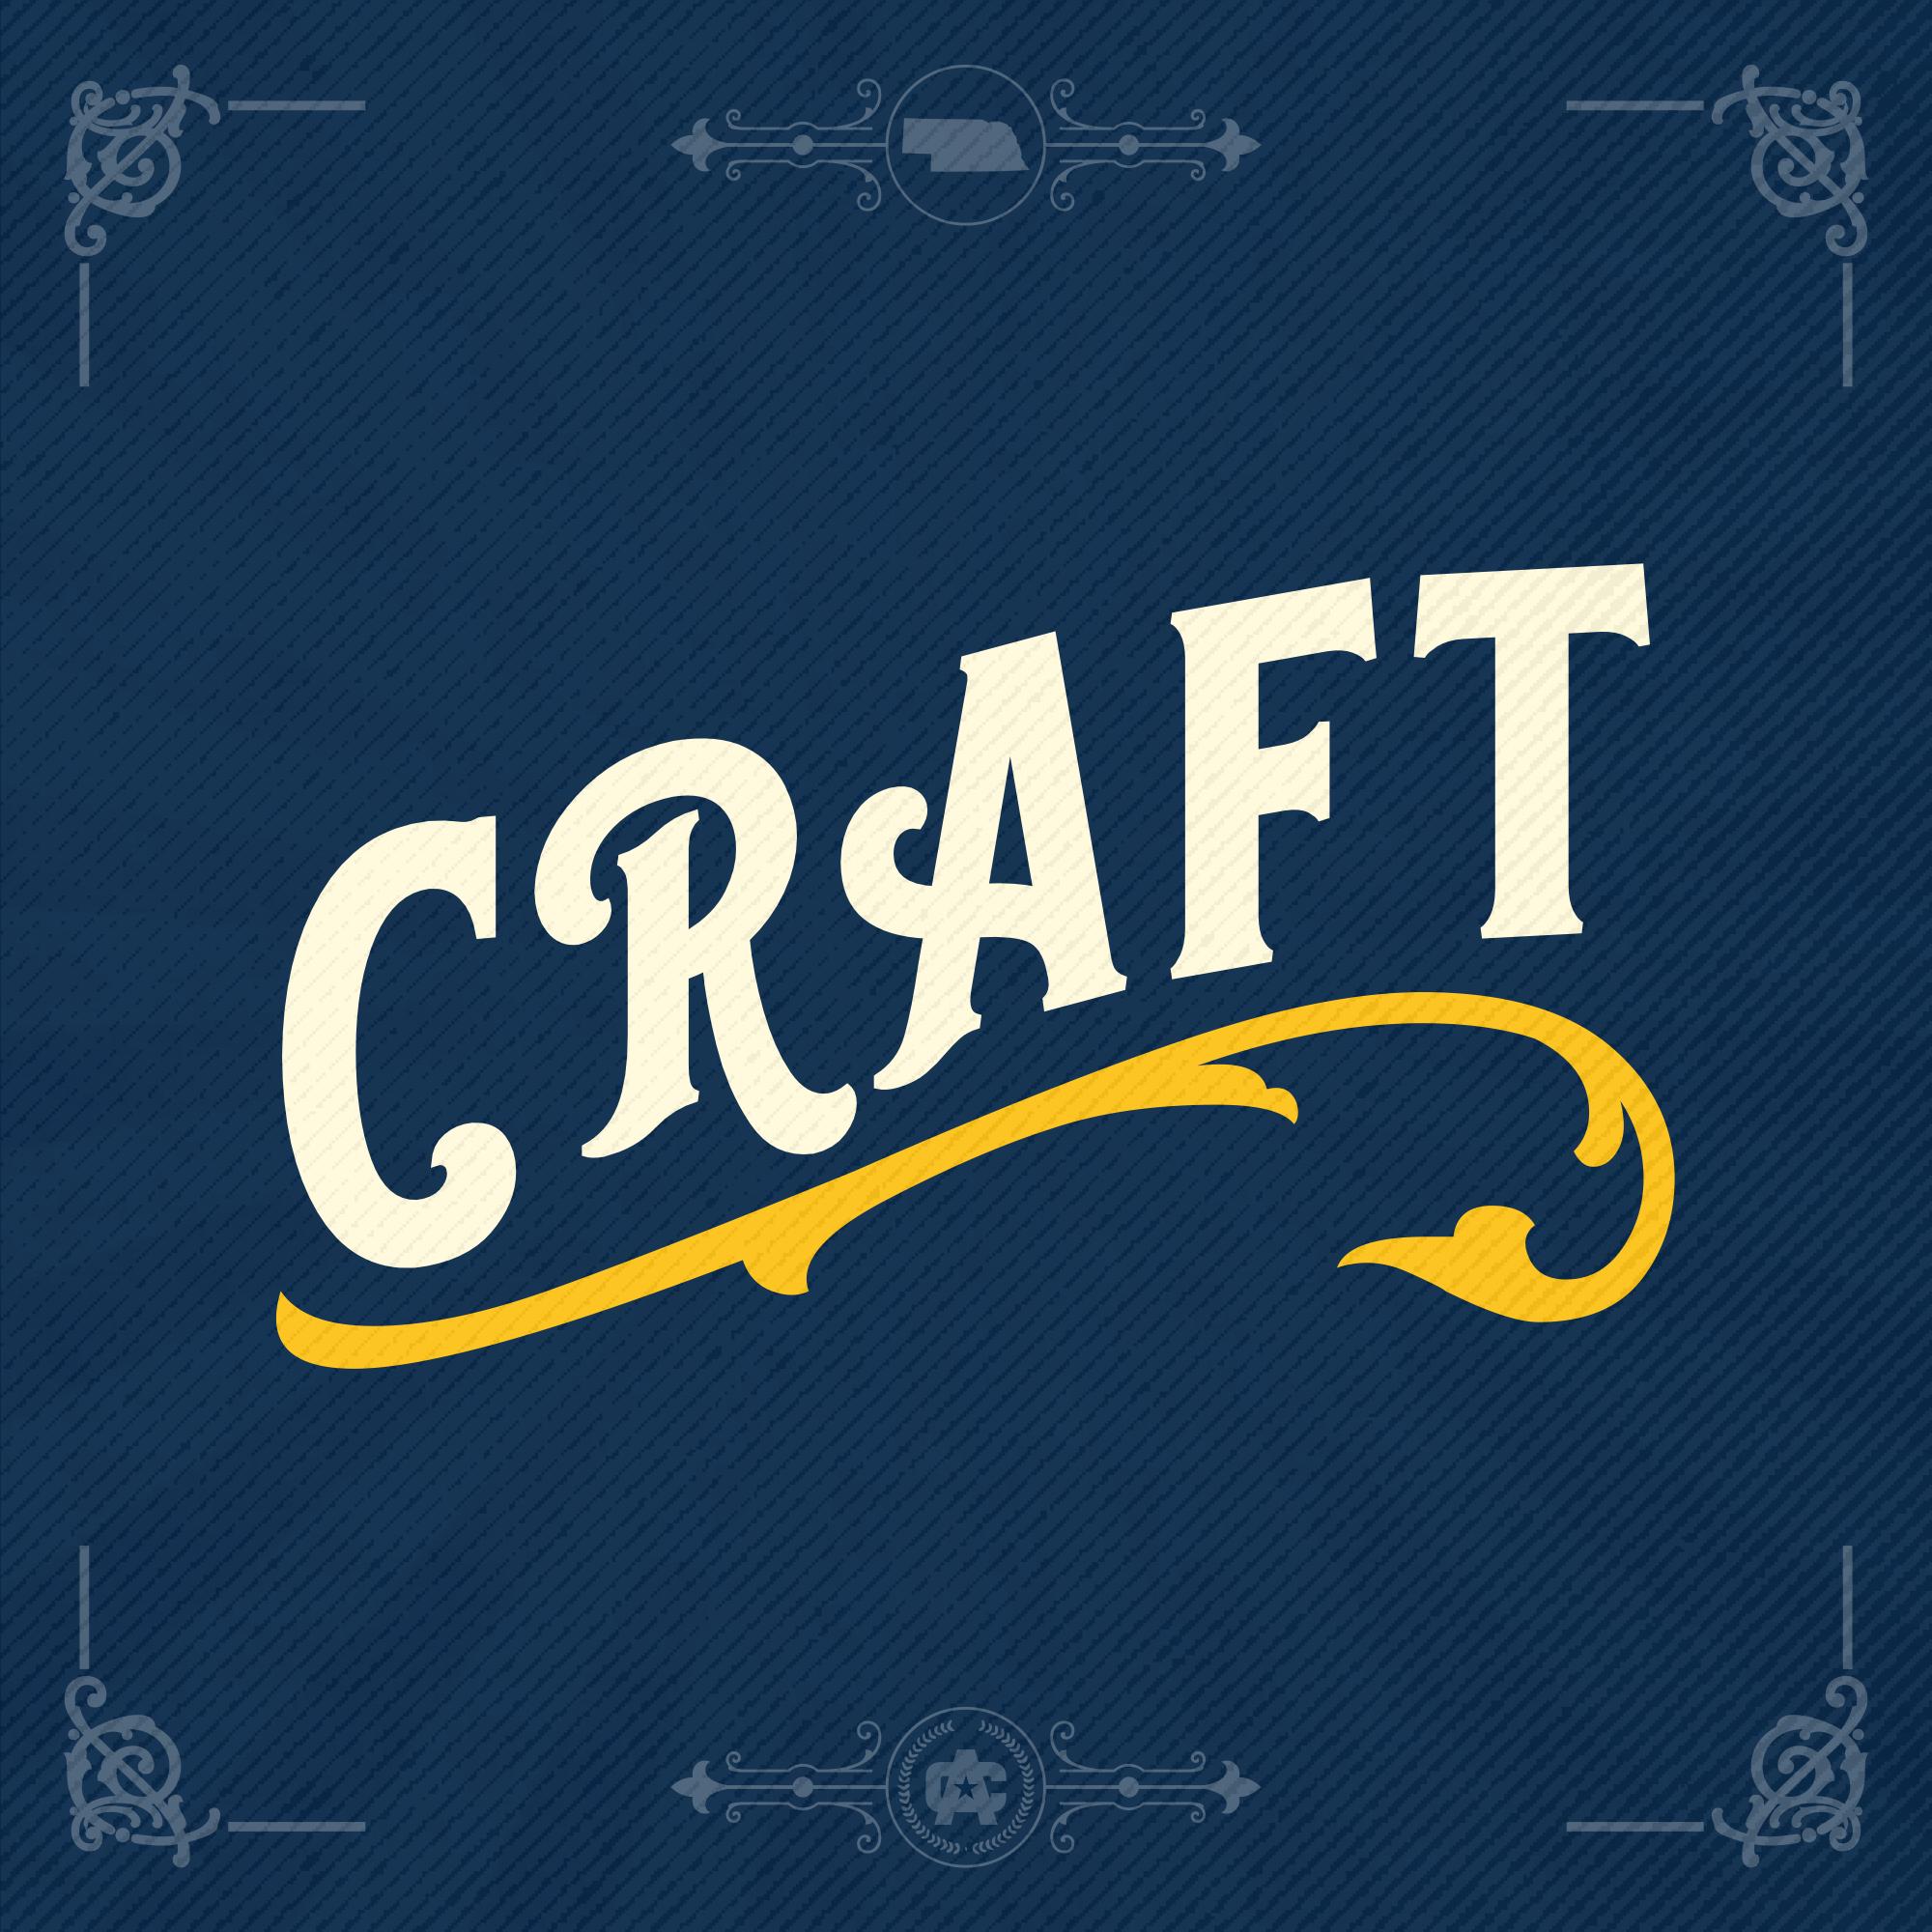 Craft Promo 1.png